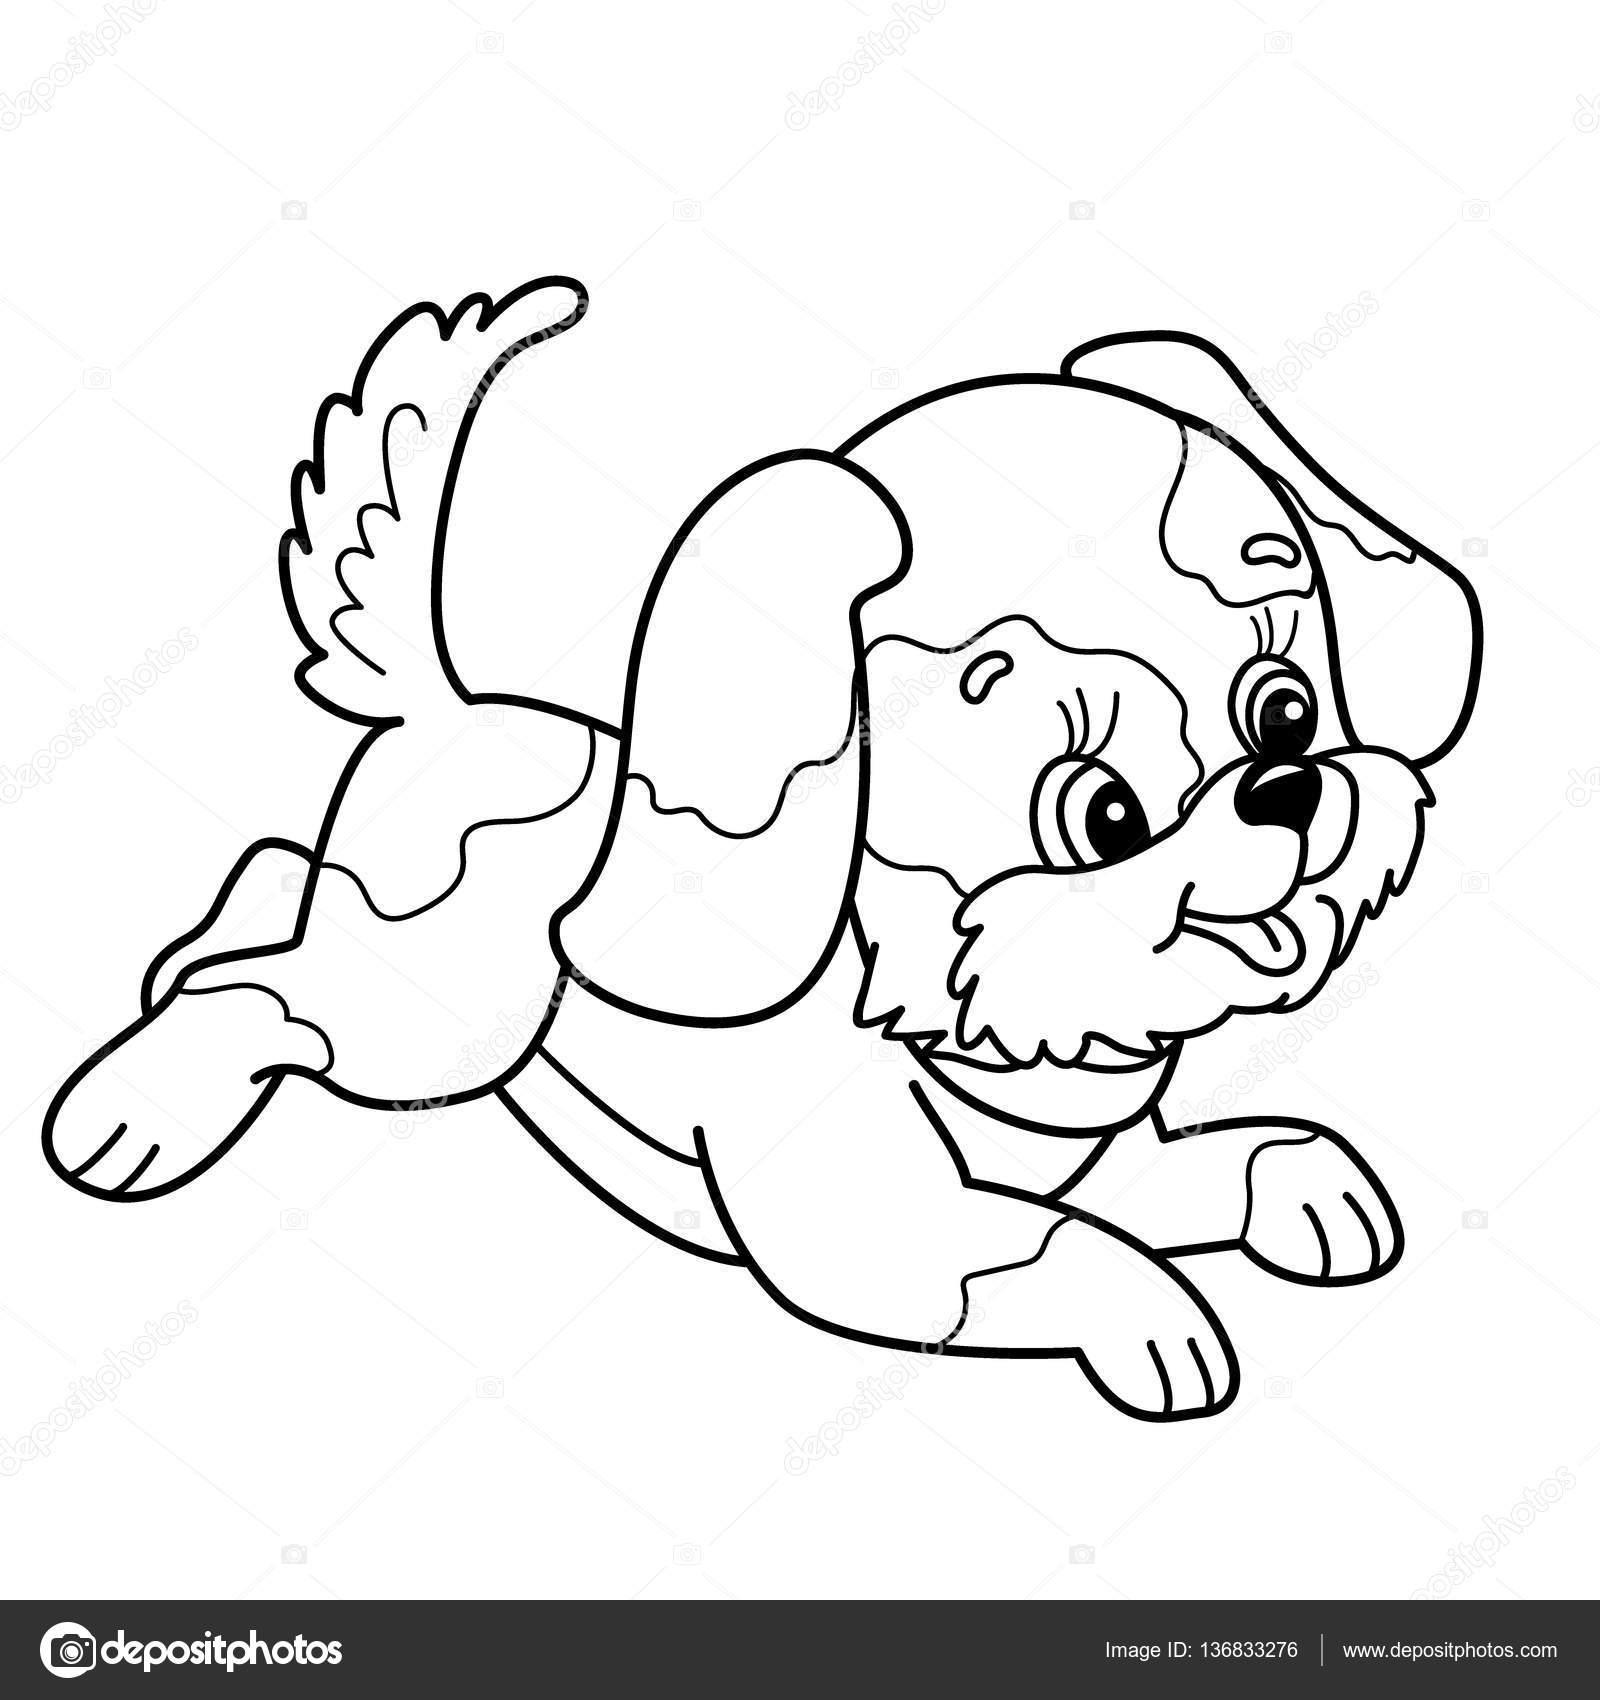 Colorear página esquema de perrito lindo. Perro de dibujos animados ...